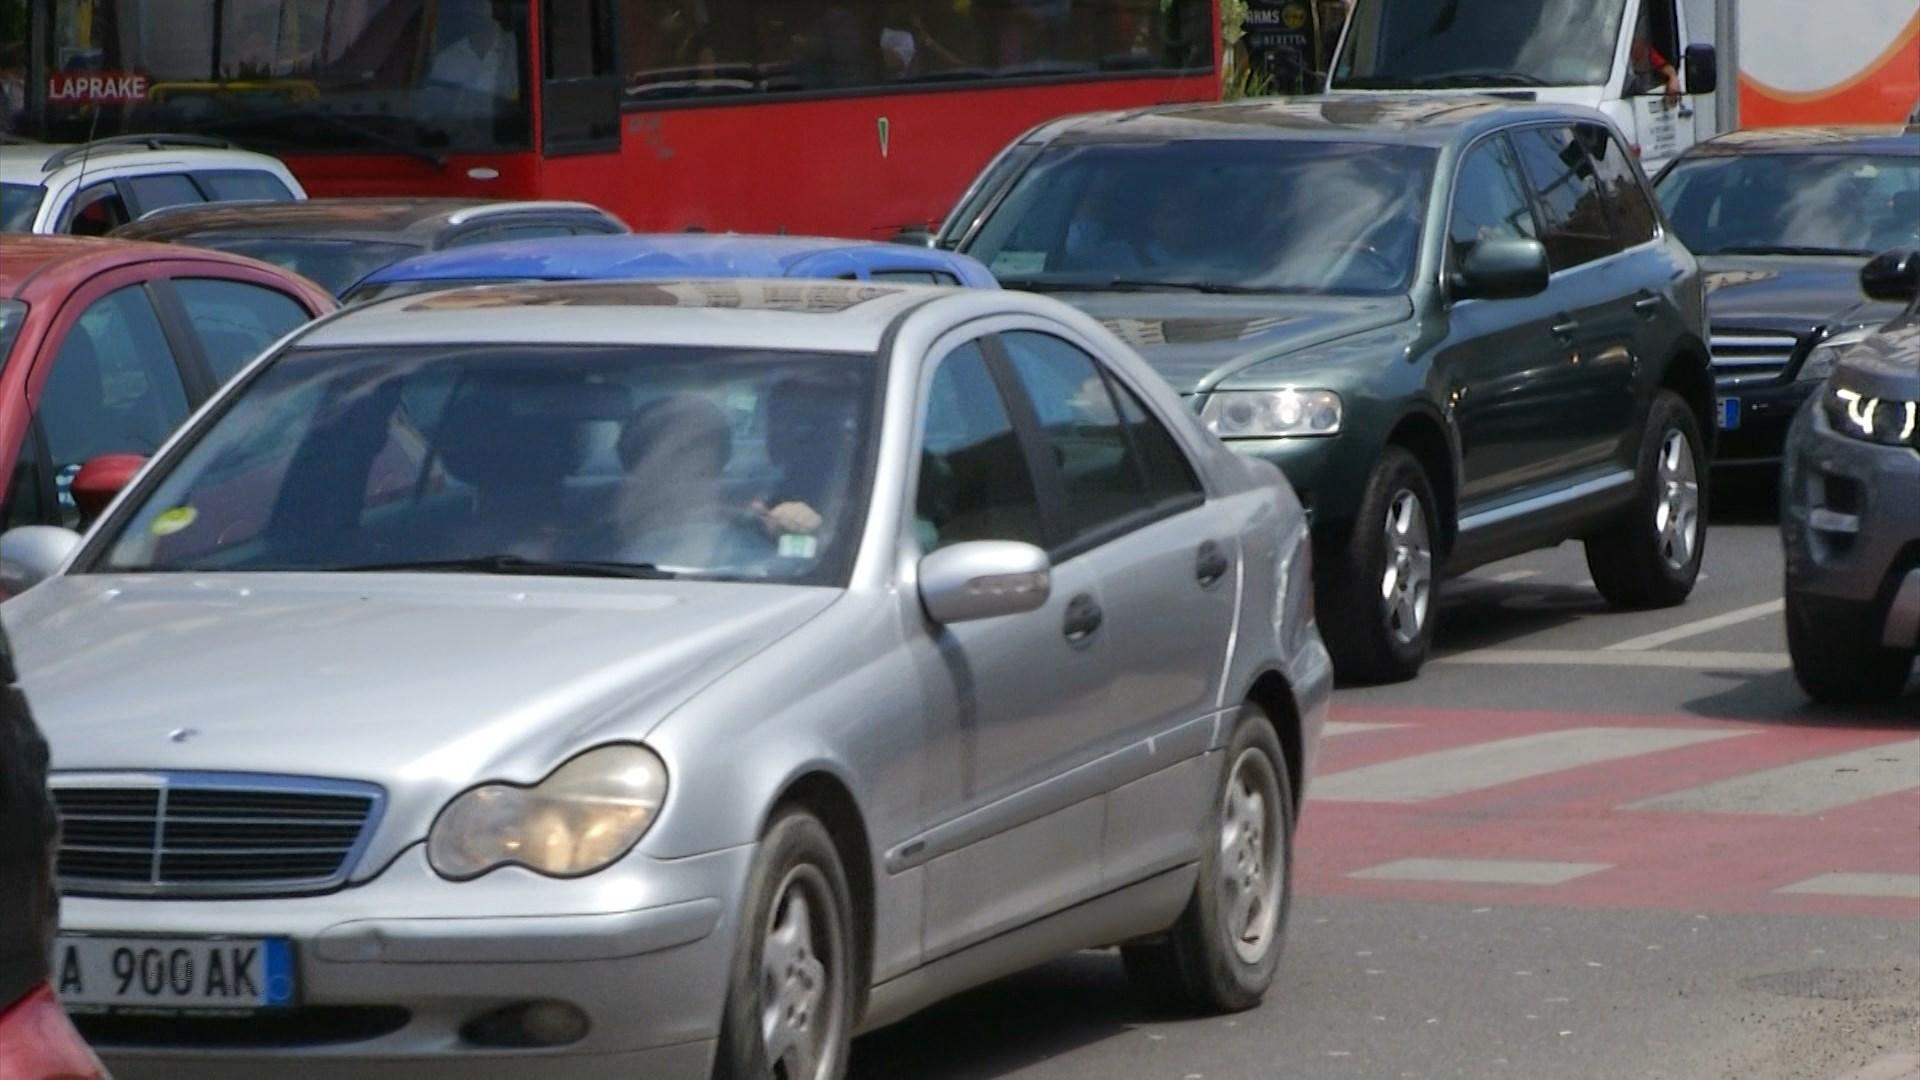 Lejohet qarkullimi me kolaudim të skaduar, por policia të penalizon rëndë pa siguracionin